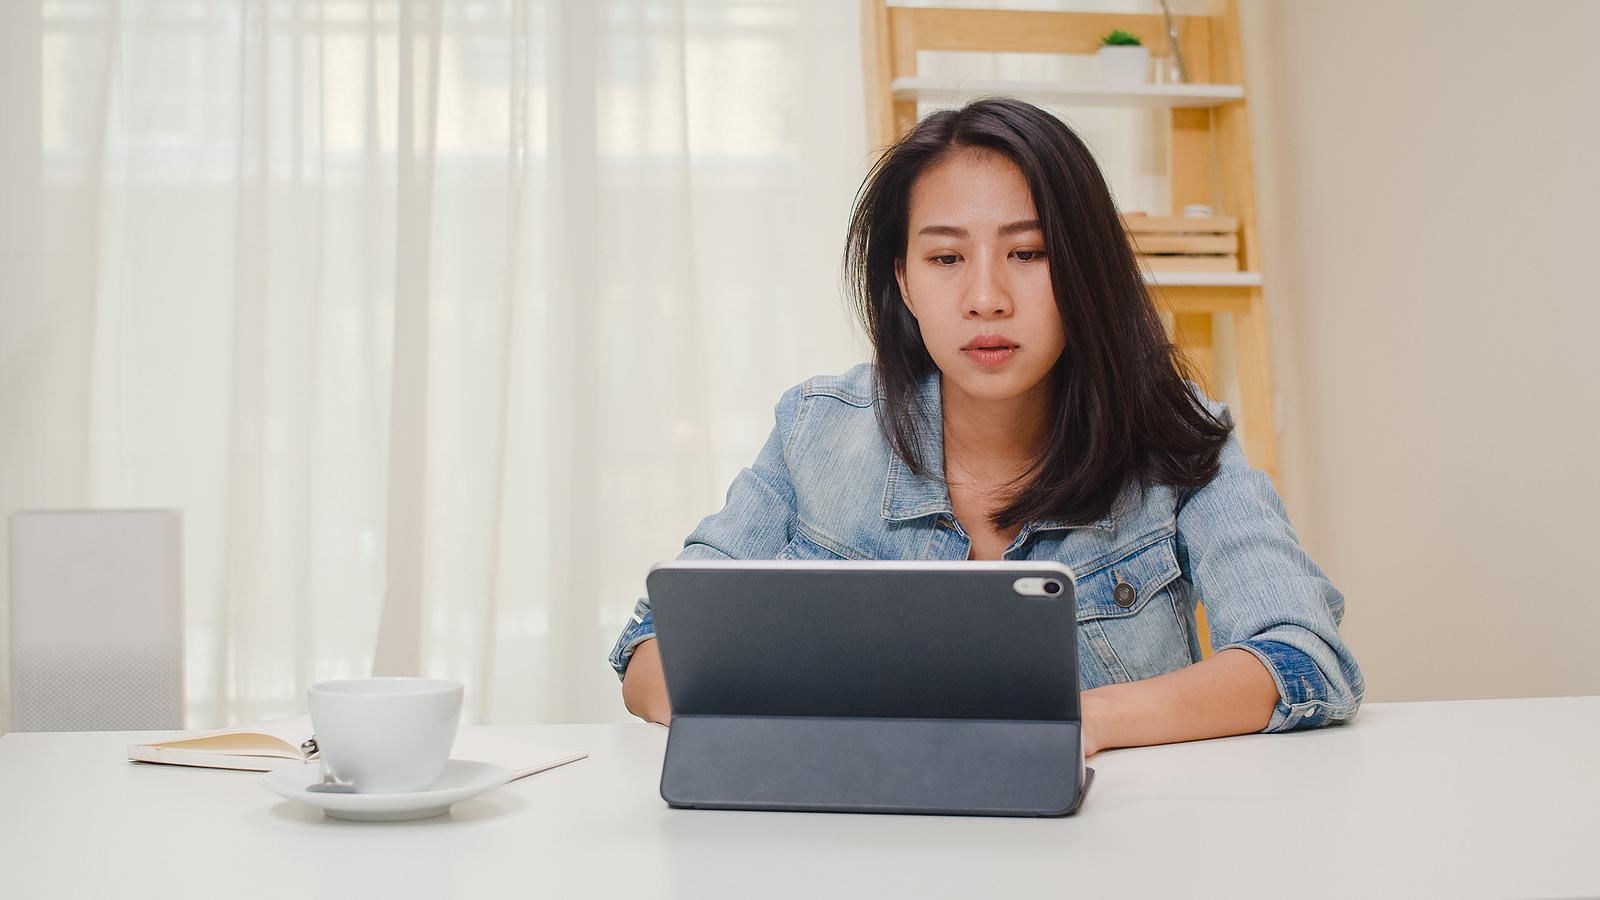 Les employés devraient-ils continuer à travailler à domicile après la pandémie?